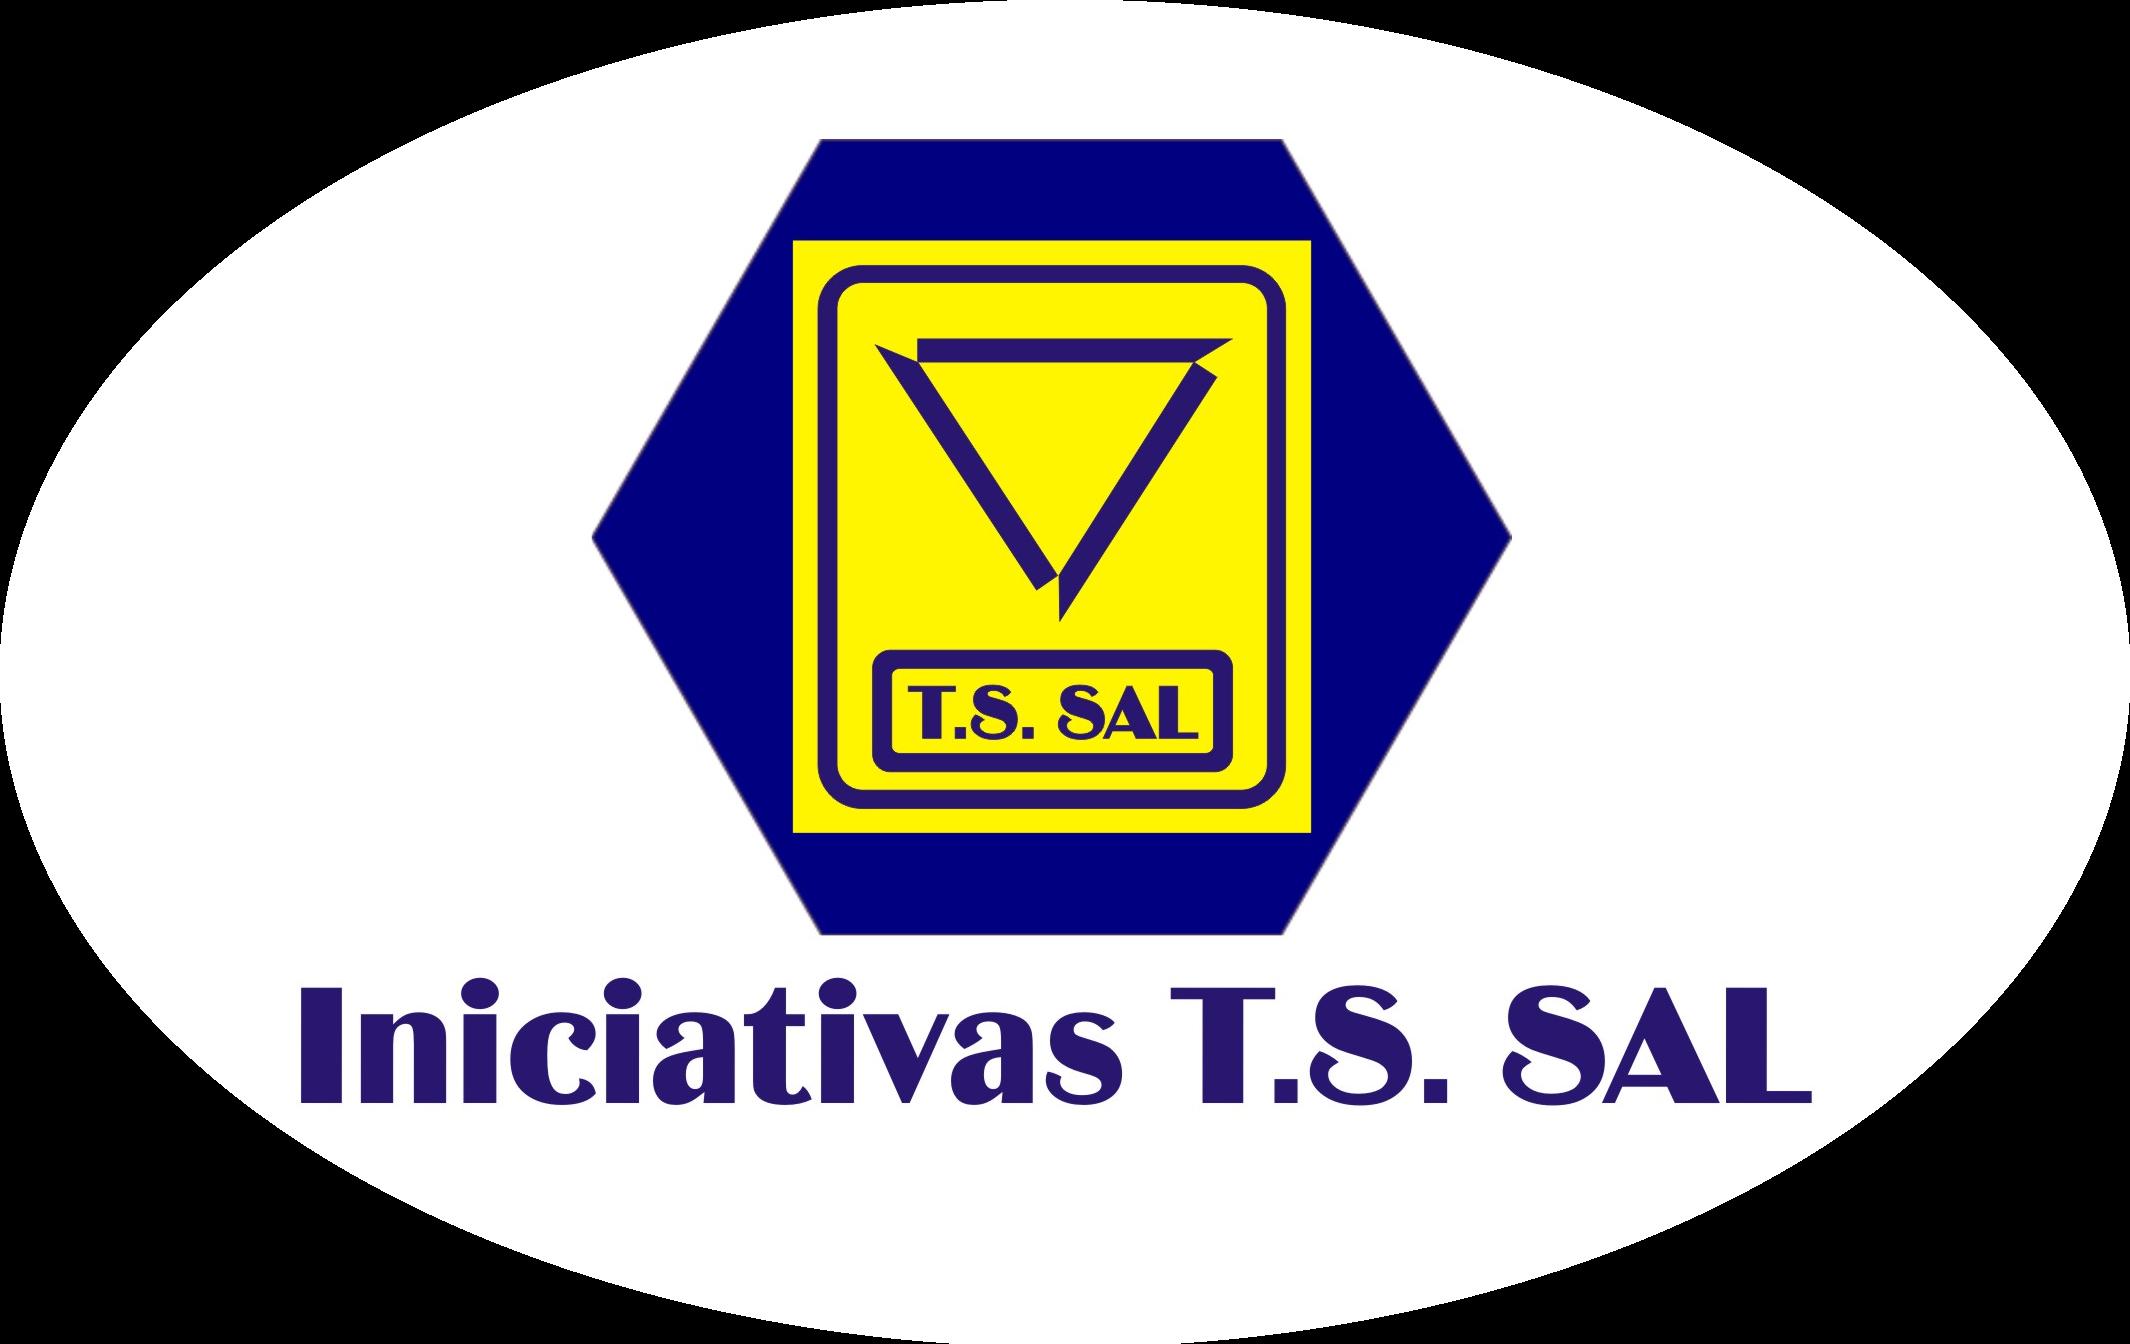 Iniciativas T.S. SAL